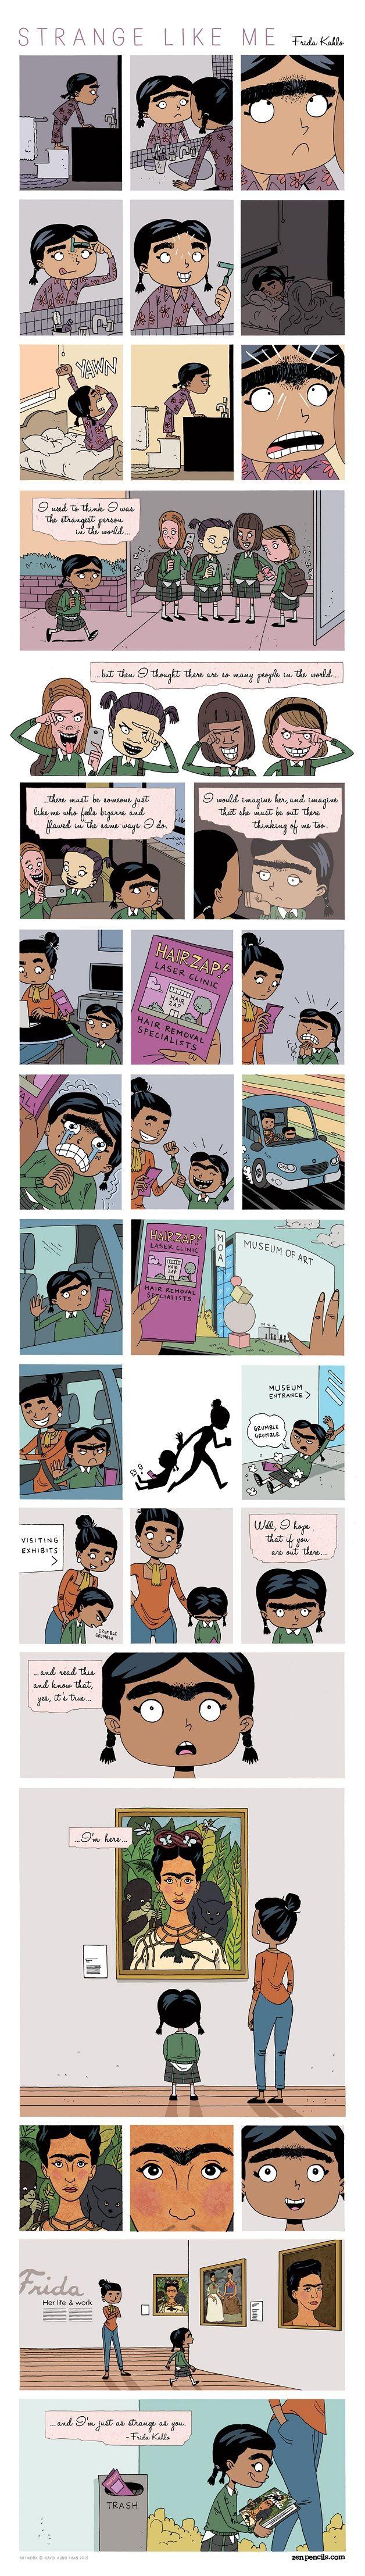 Zen Pencils é uma página de quadrinhos assinados por Gavin Aung, cartunista baseado em Melbourne, na Austrália. Frases famosas e inspiradoras são adaptadas para as HQs. Aung criou o projeto após trabalhar por oito anos como designer gráfico dentro do setor corporativo. A experiência insatisfatória fez com que ele largasse o emprego e crias...